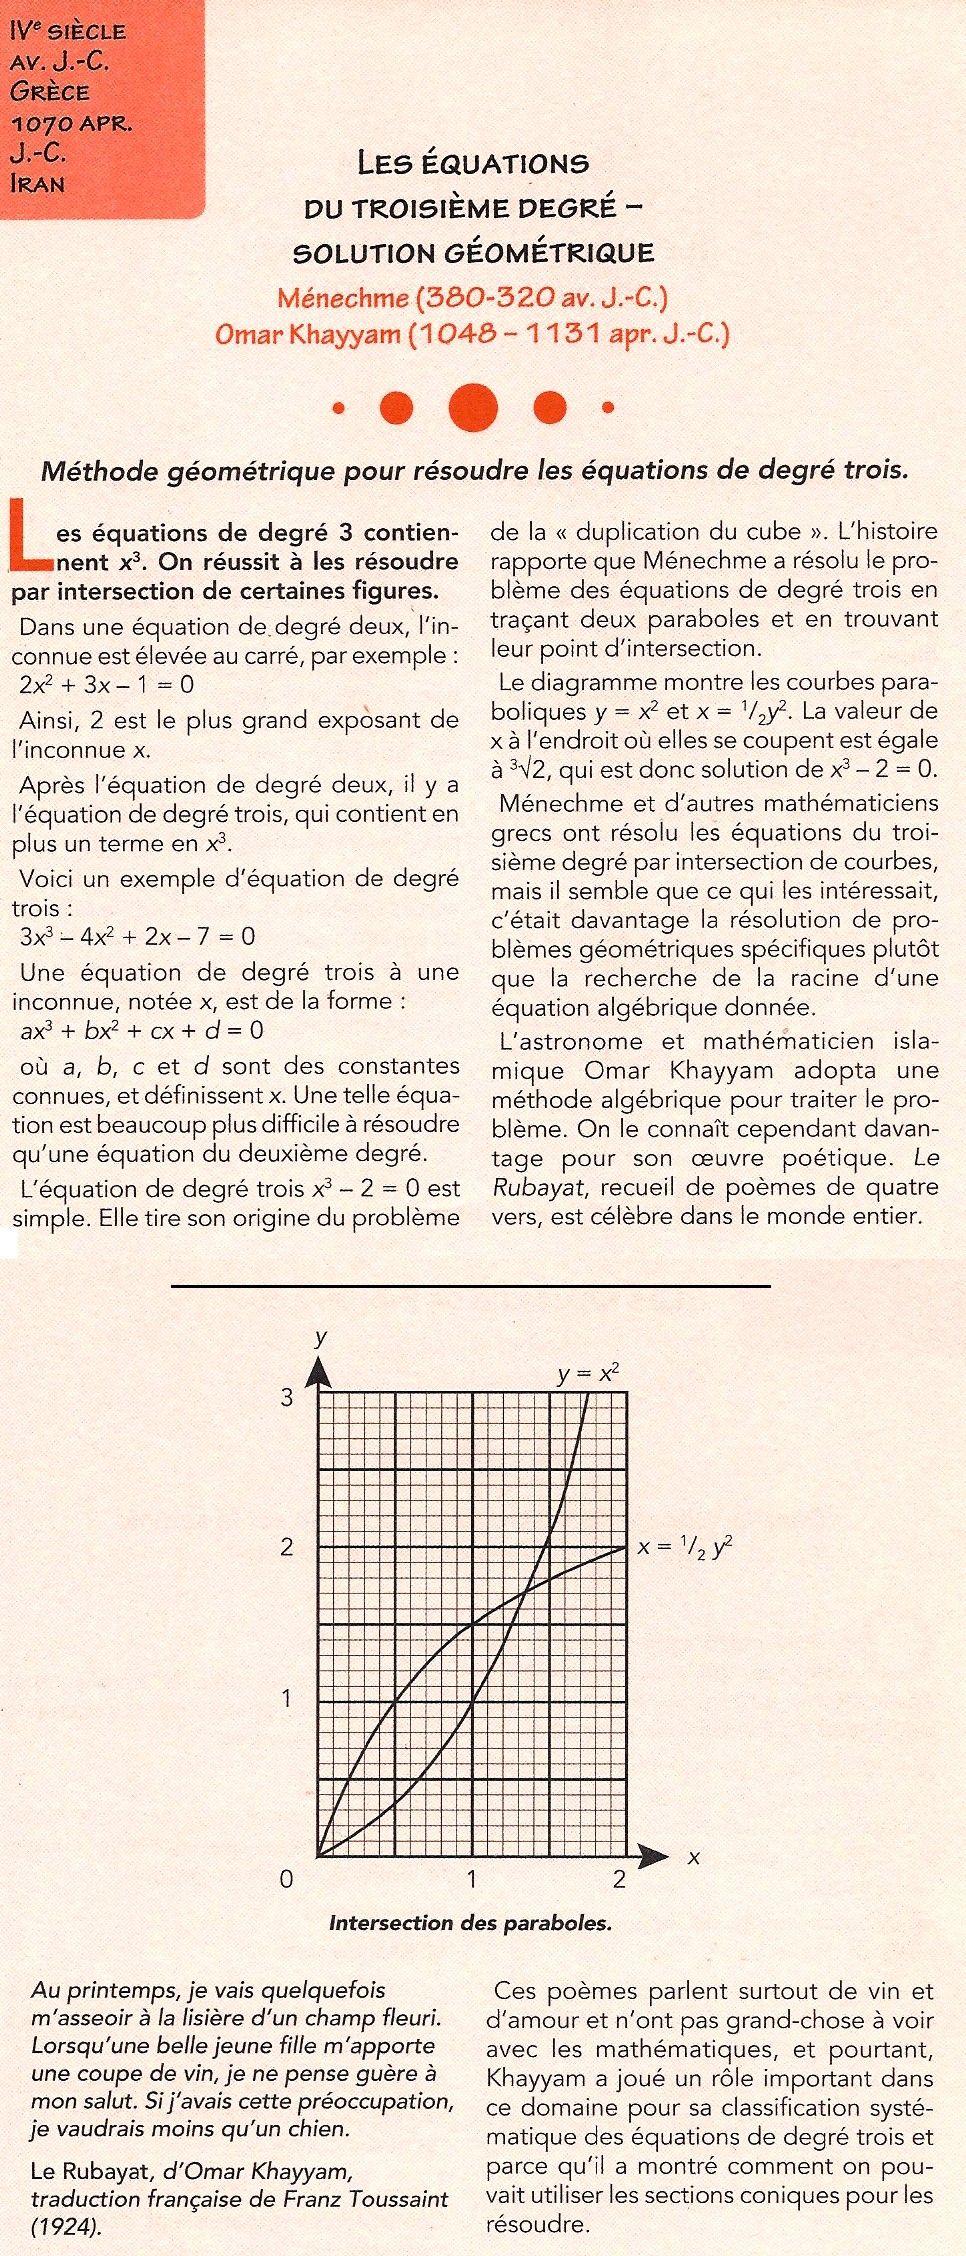 032 - Les équations du troisième degré - Solution géométrique